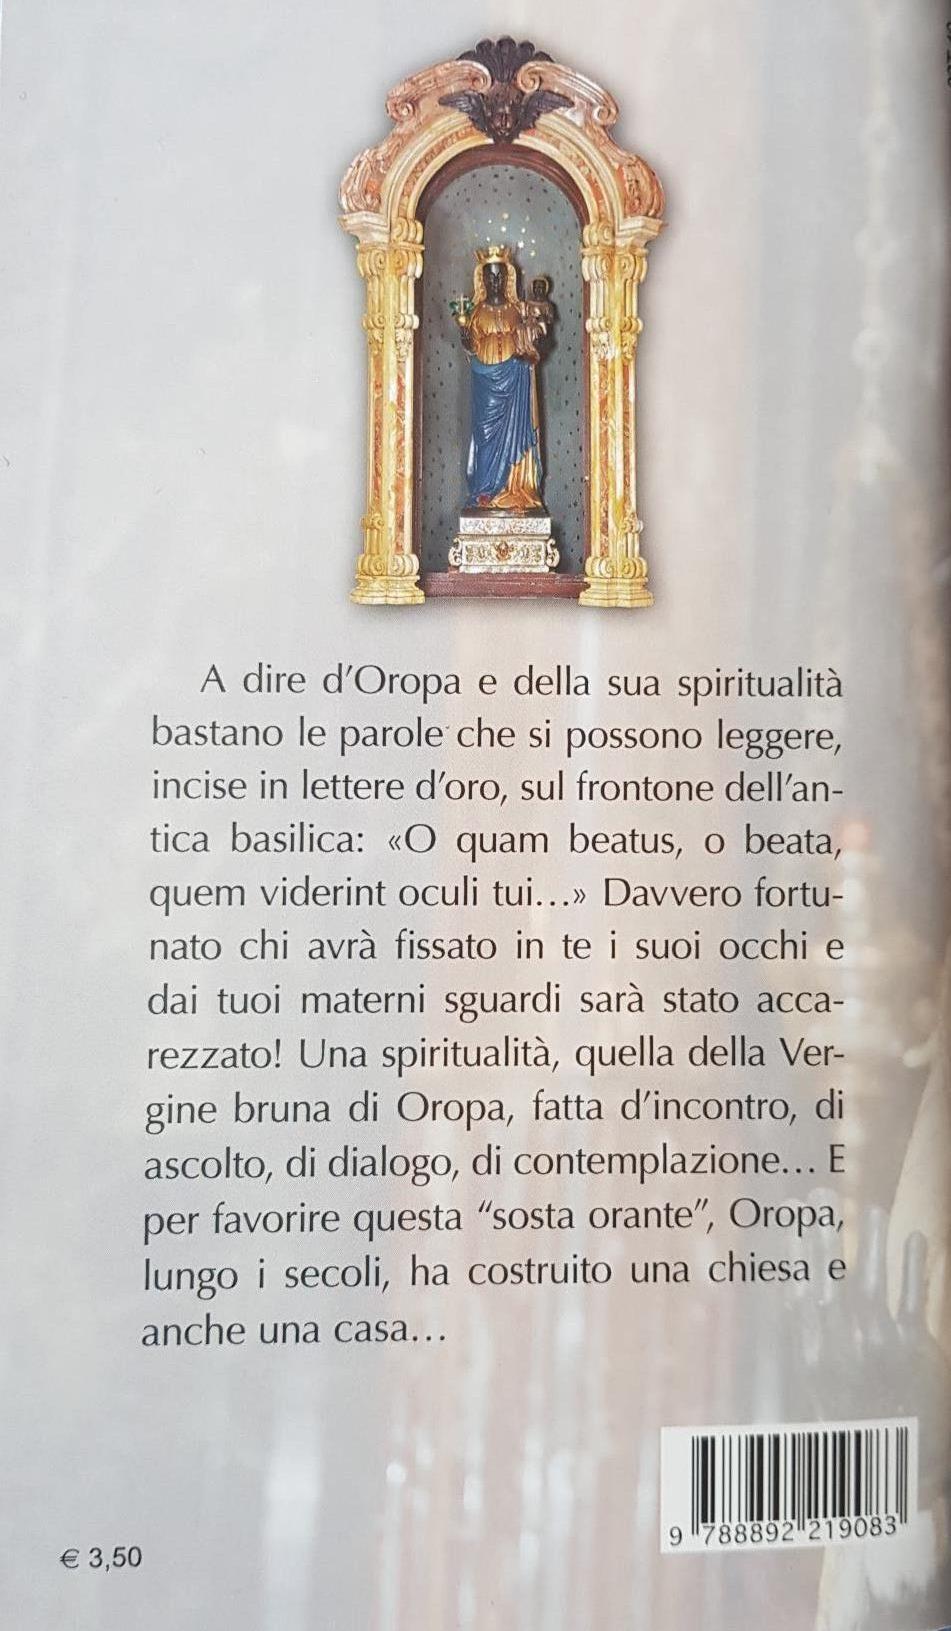 La Vergine Bruna di Oropa libro